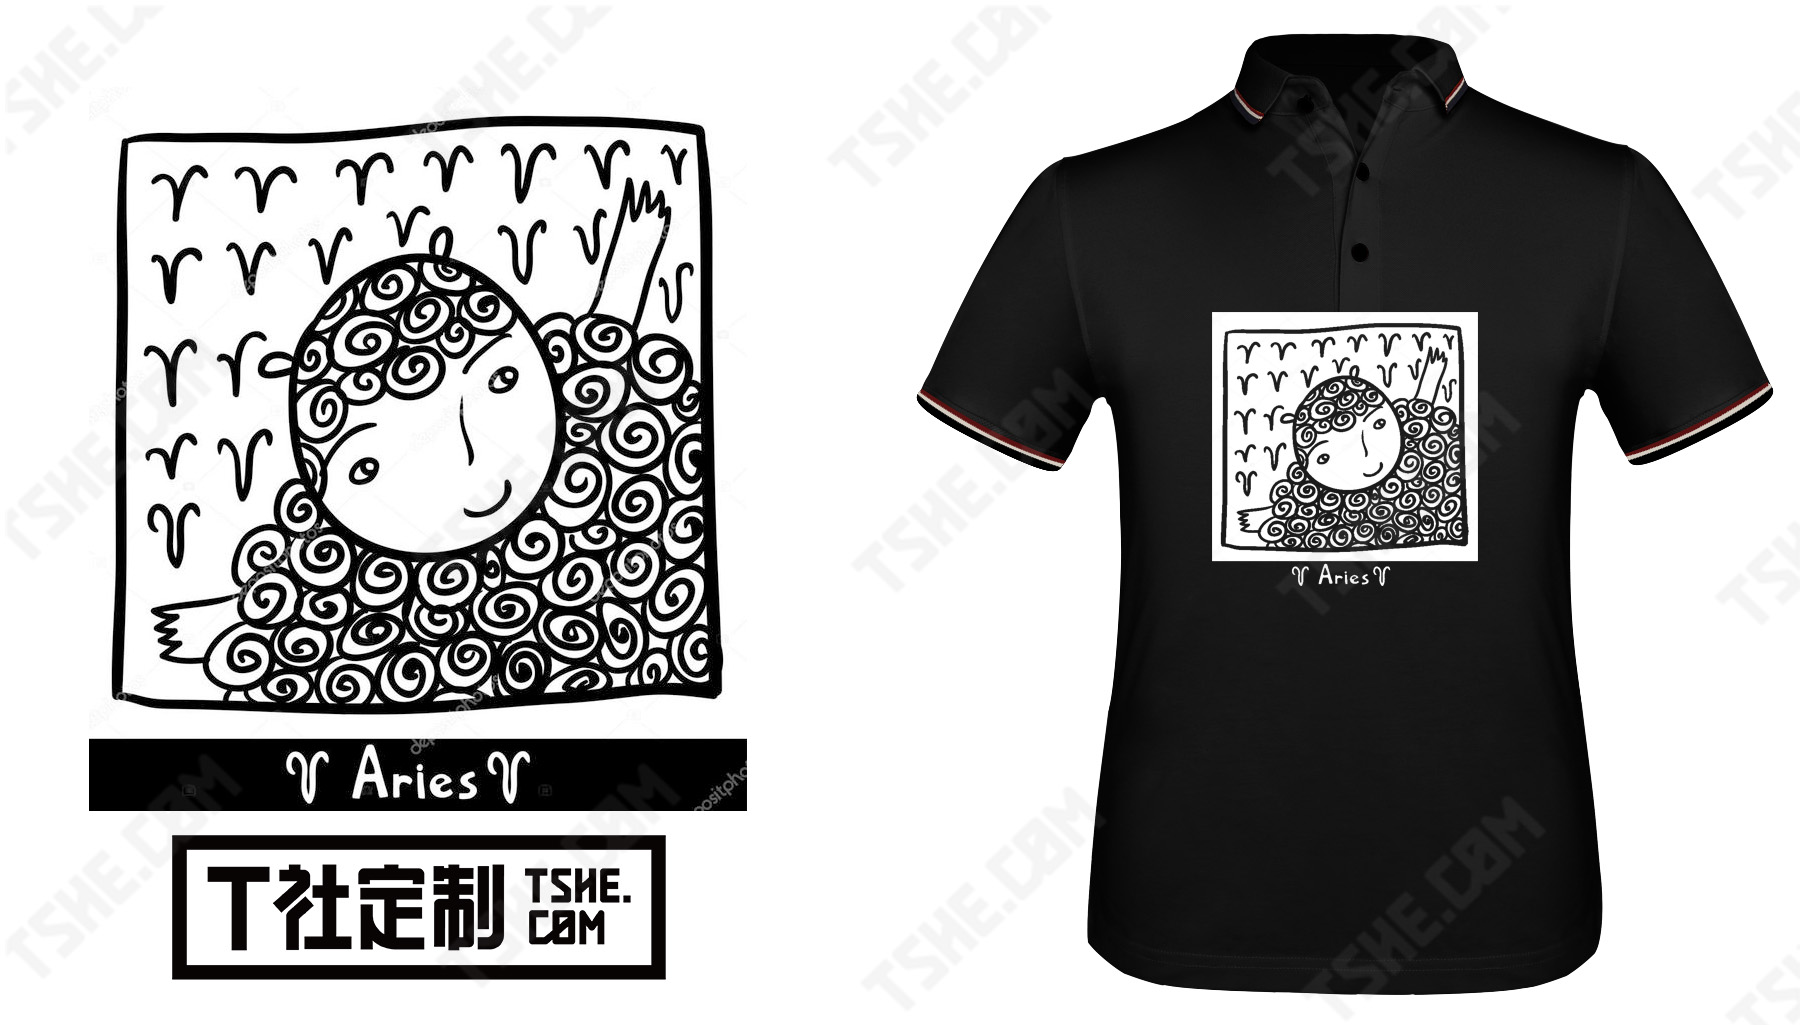 純黑色polo衫作為企業文化衫該怎么印制印花?